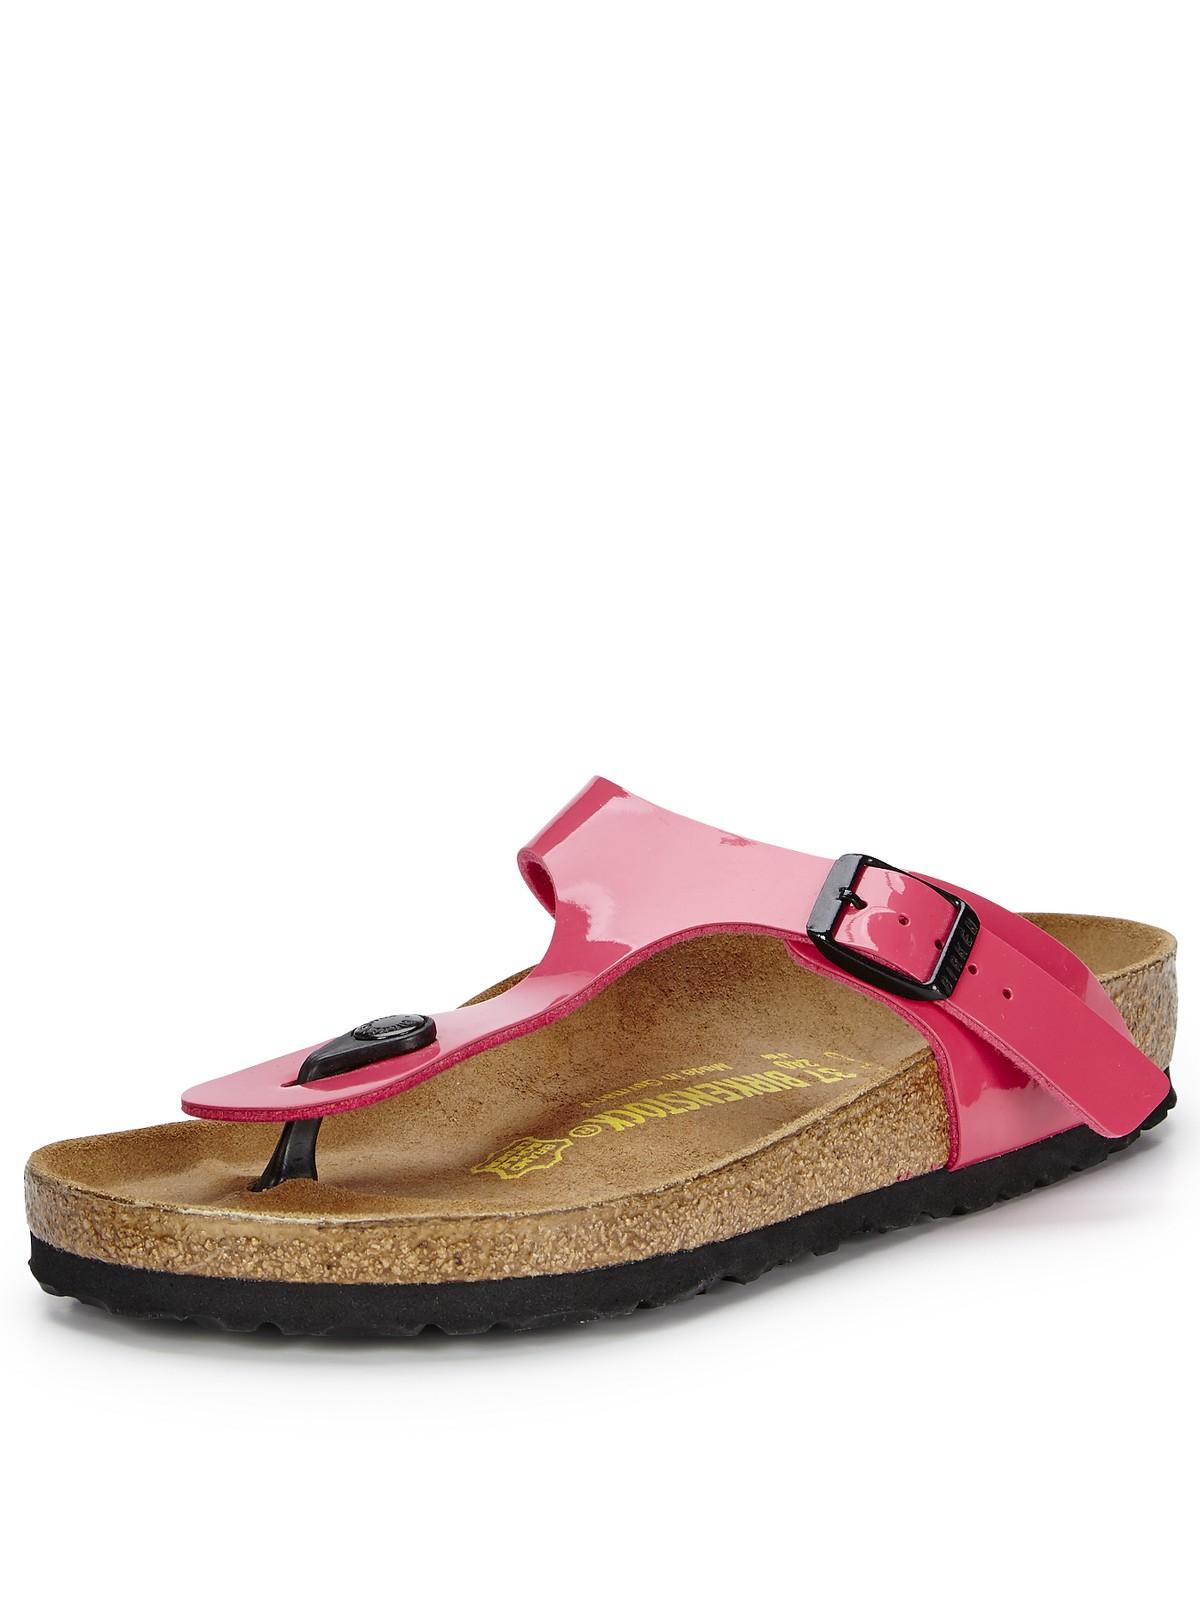 birkenstock gizeh toe post sandals in pink for men pink. Black Bedroom Furniture Sets. Home Design Ideas